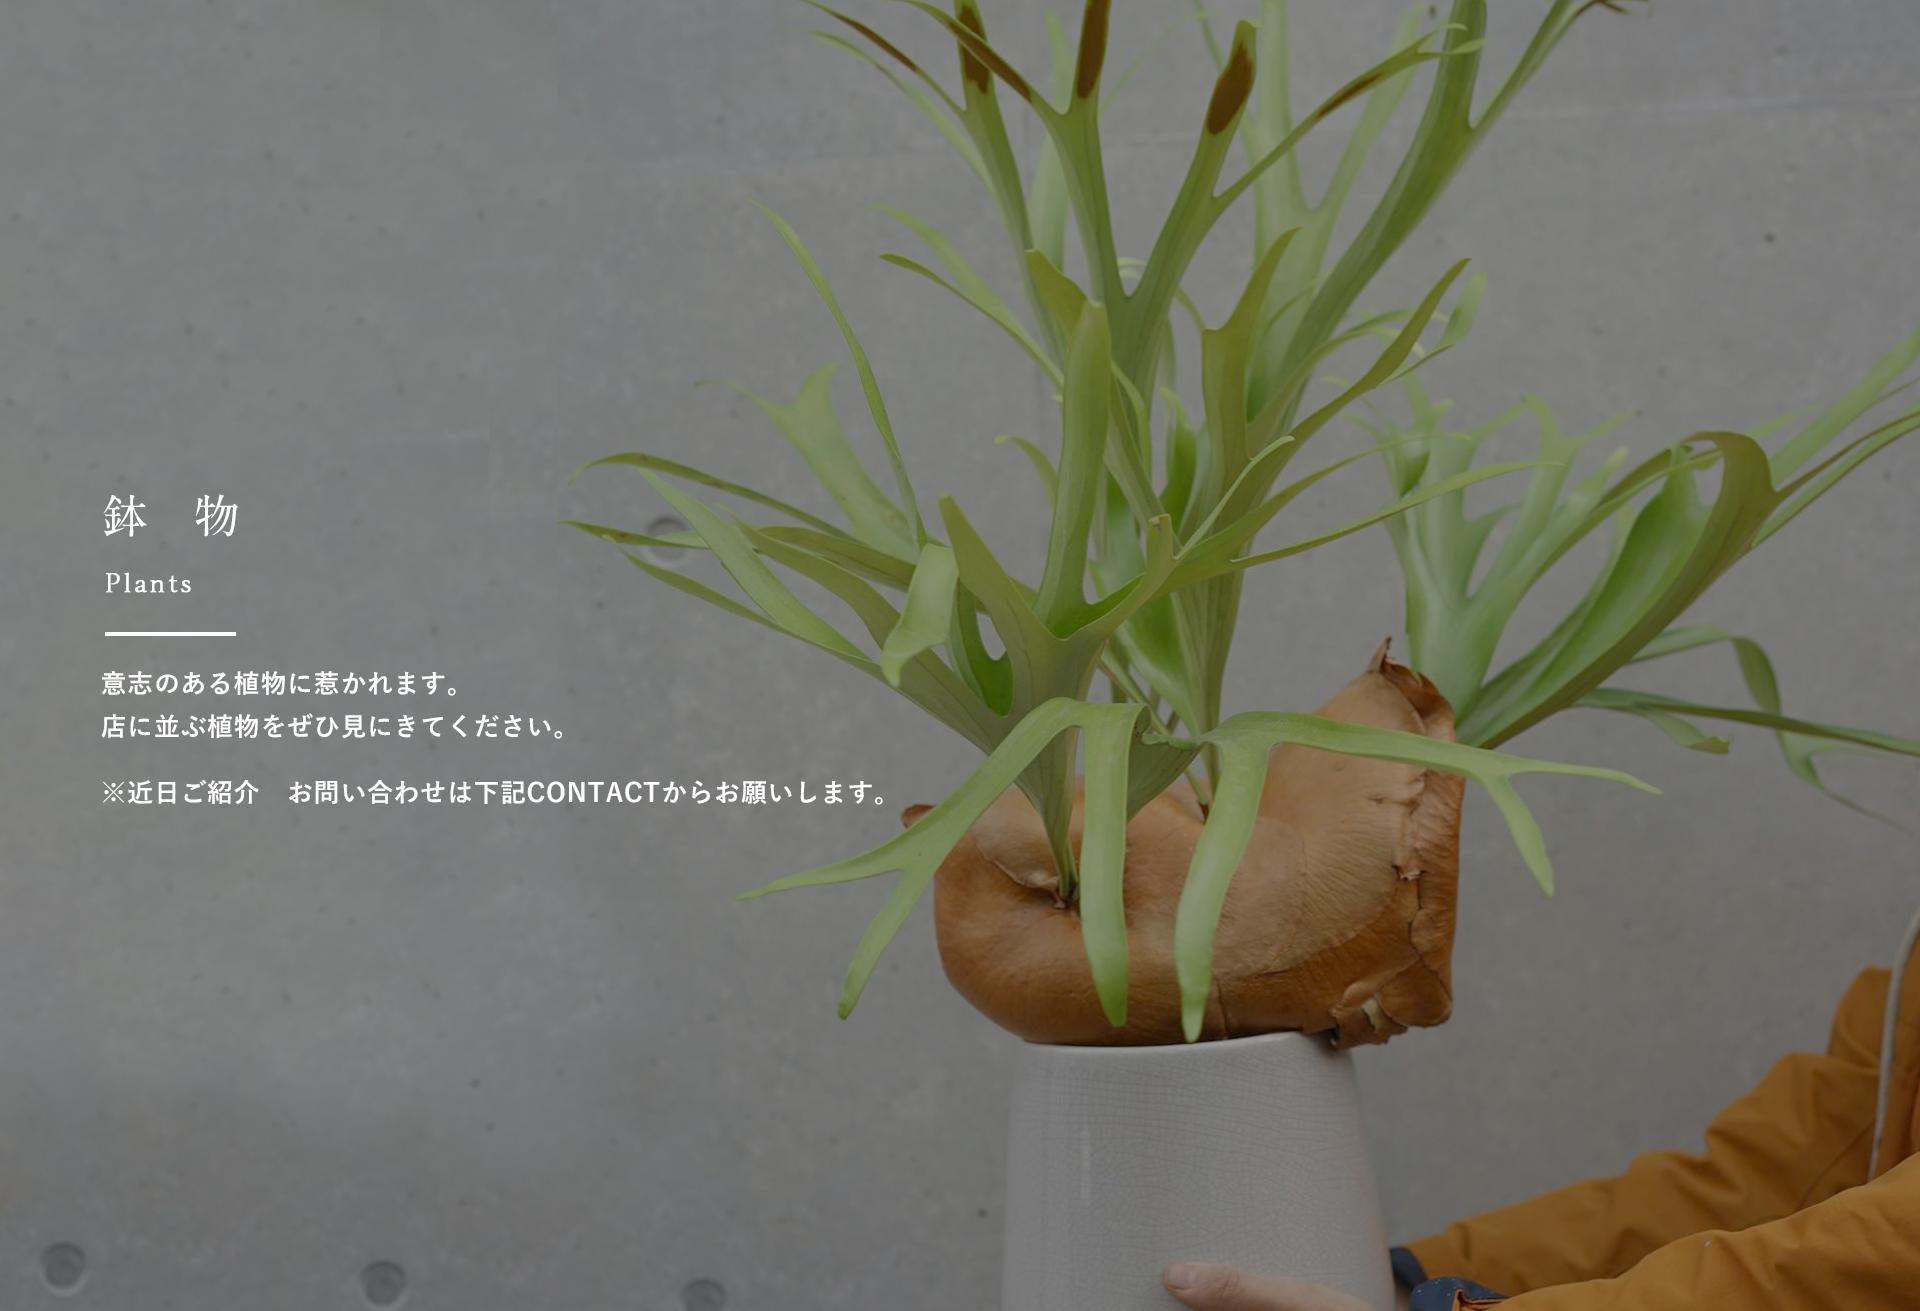 鉢物 plants